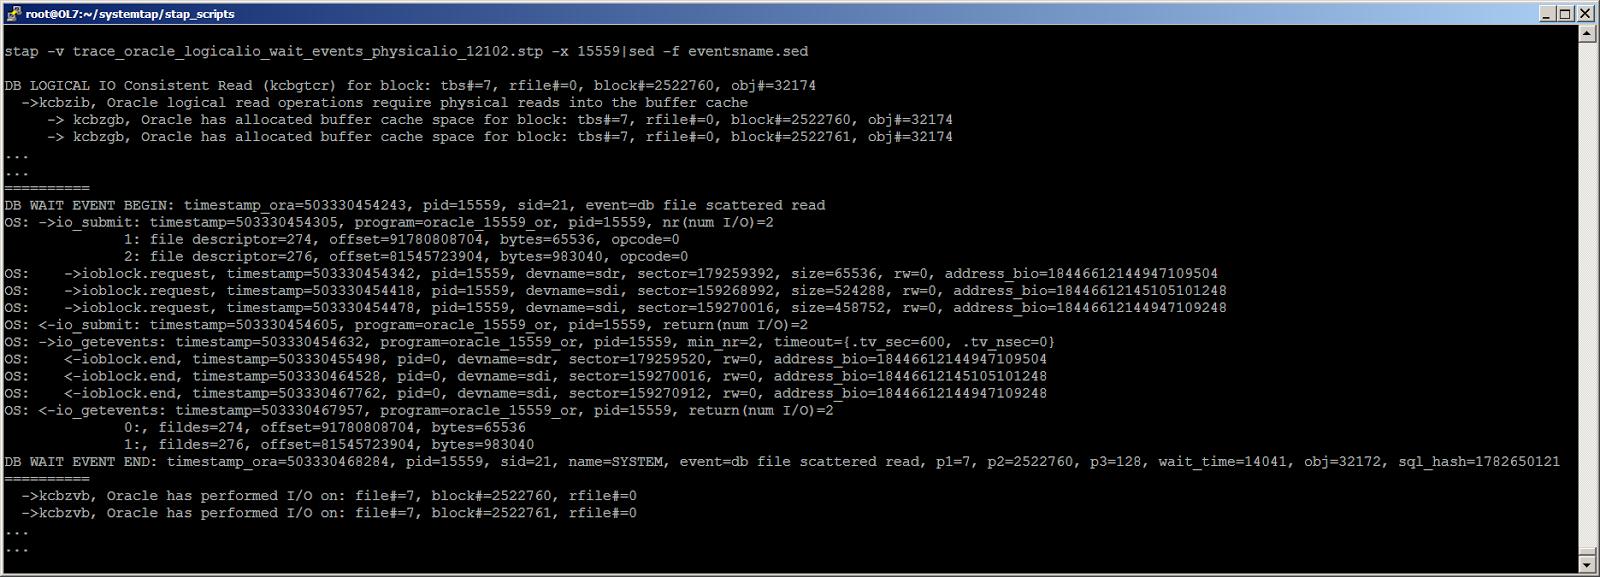 Жизнь Oracle I-O: трассировка логического и физического ввода-вывода с помощью SystemTap - 4